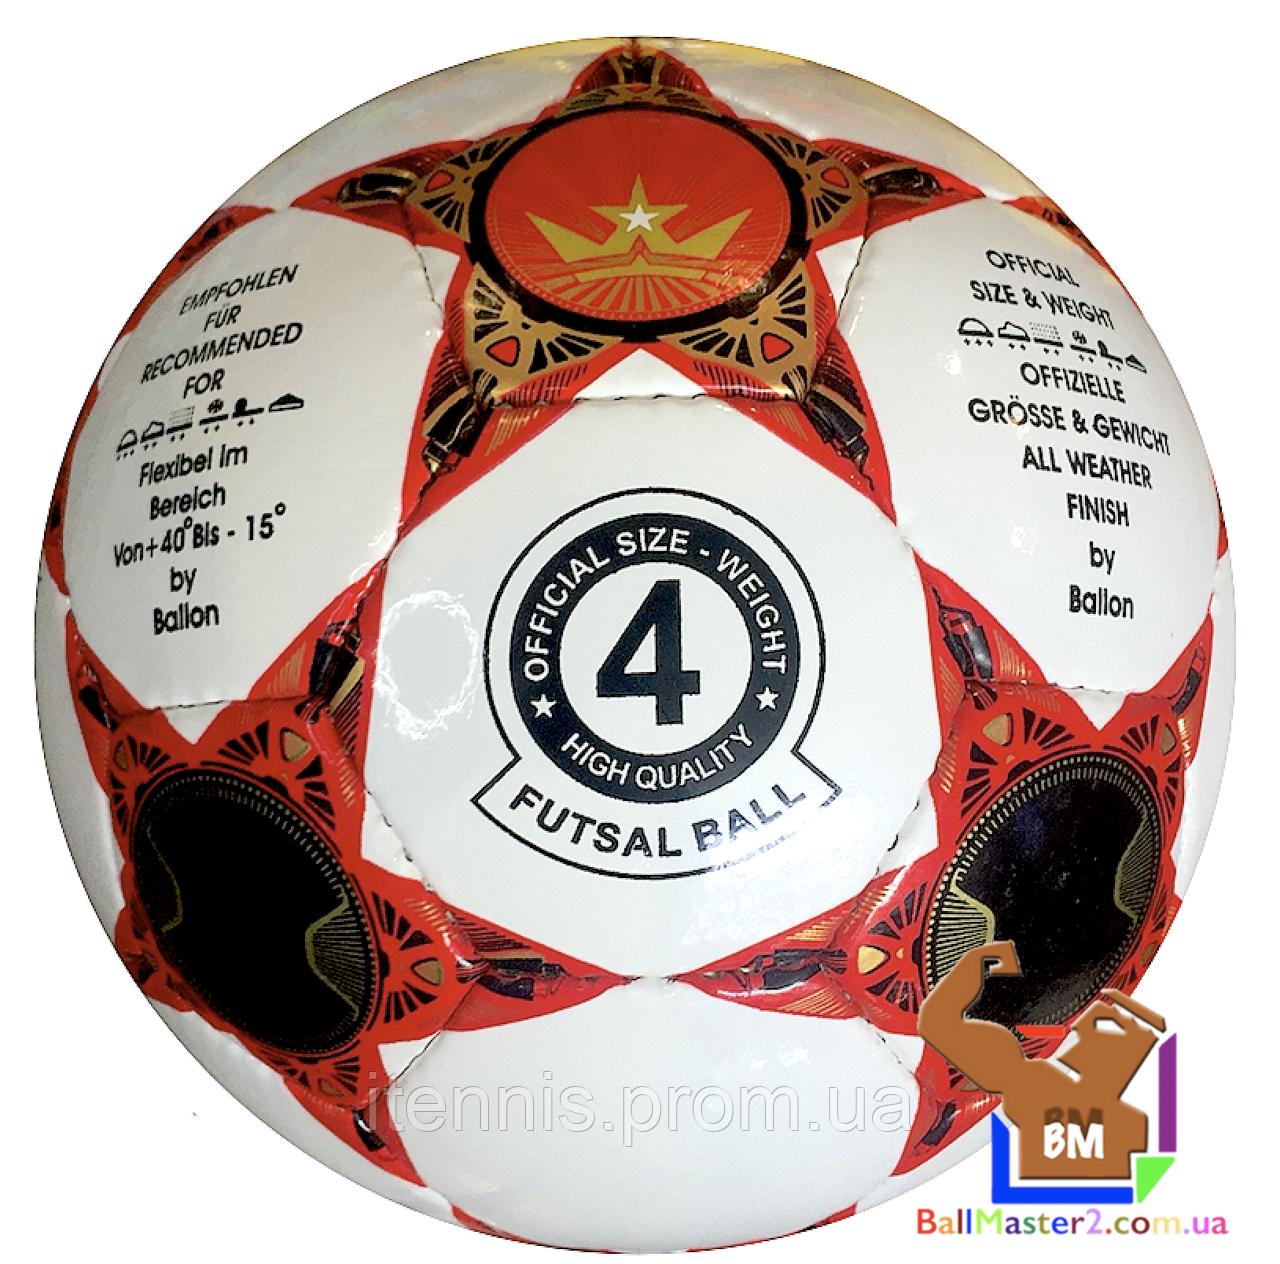 Футзальный мяч Сhampions league №4 (FB-4655) NEW!